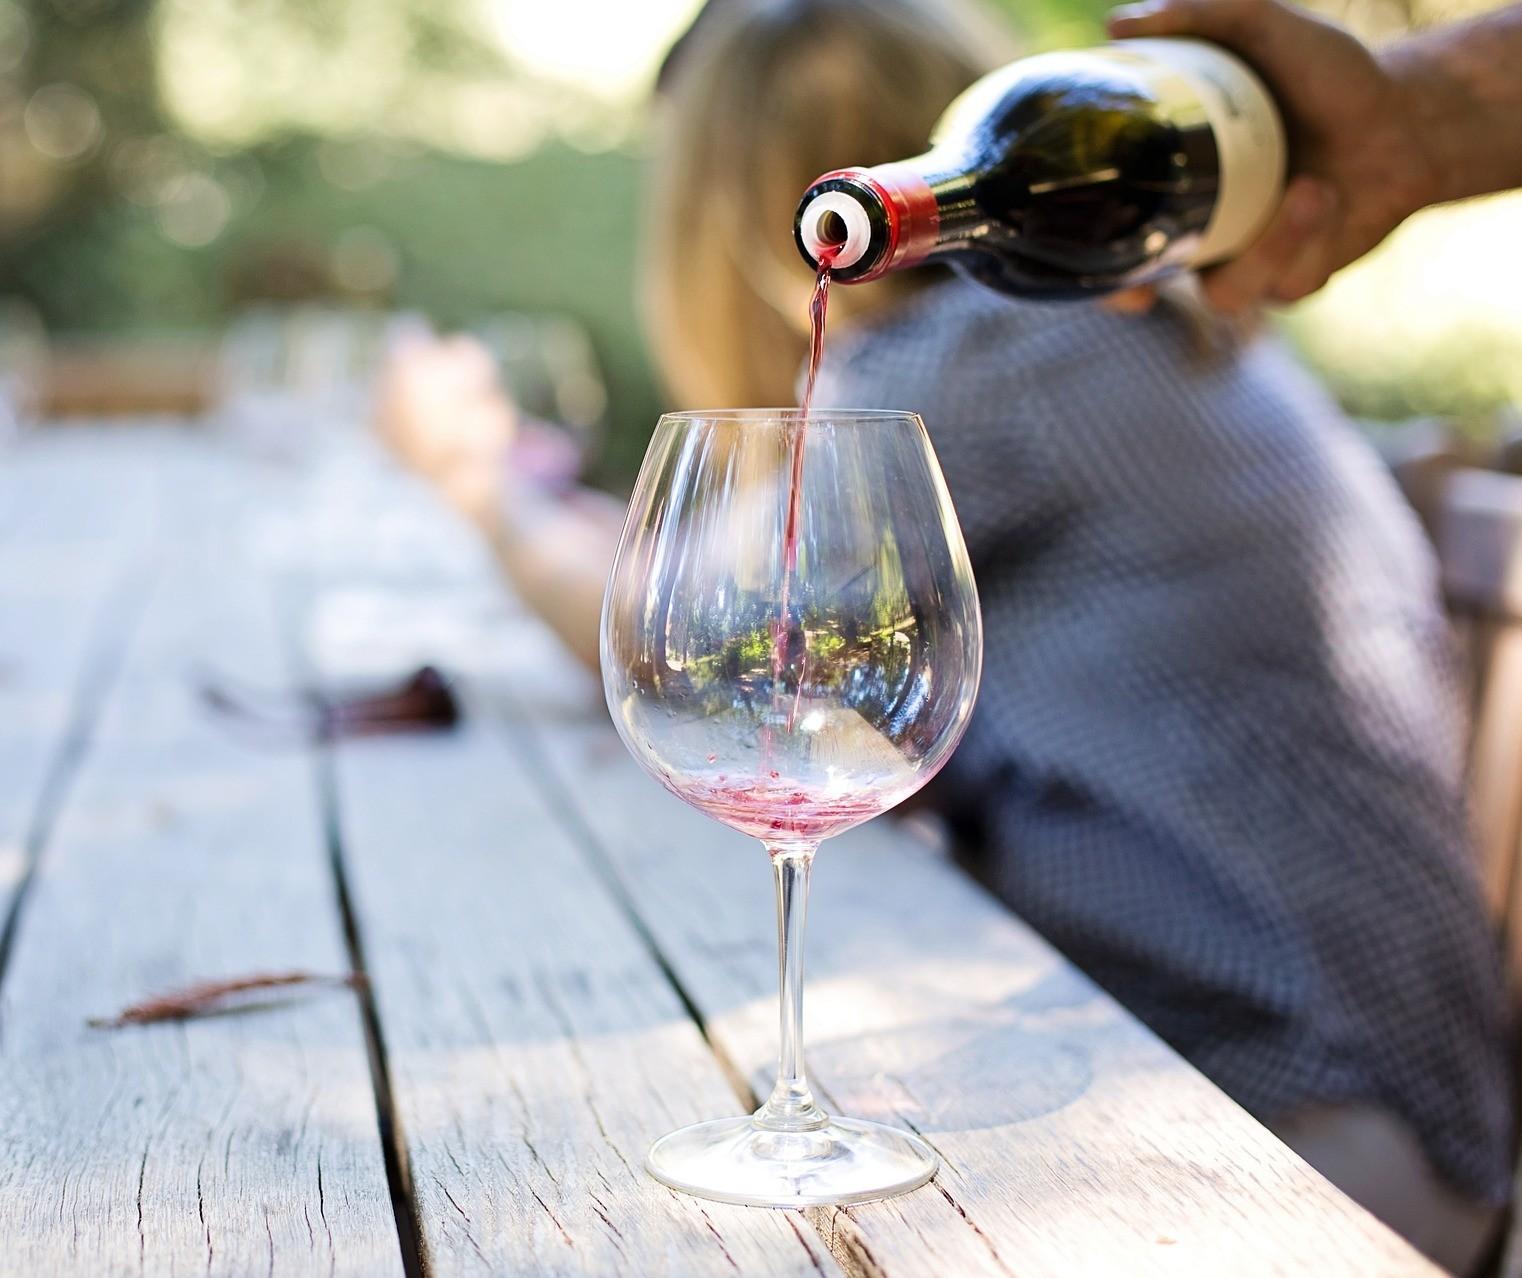 Vinho uruguaio é bom?